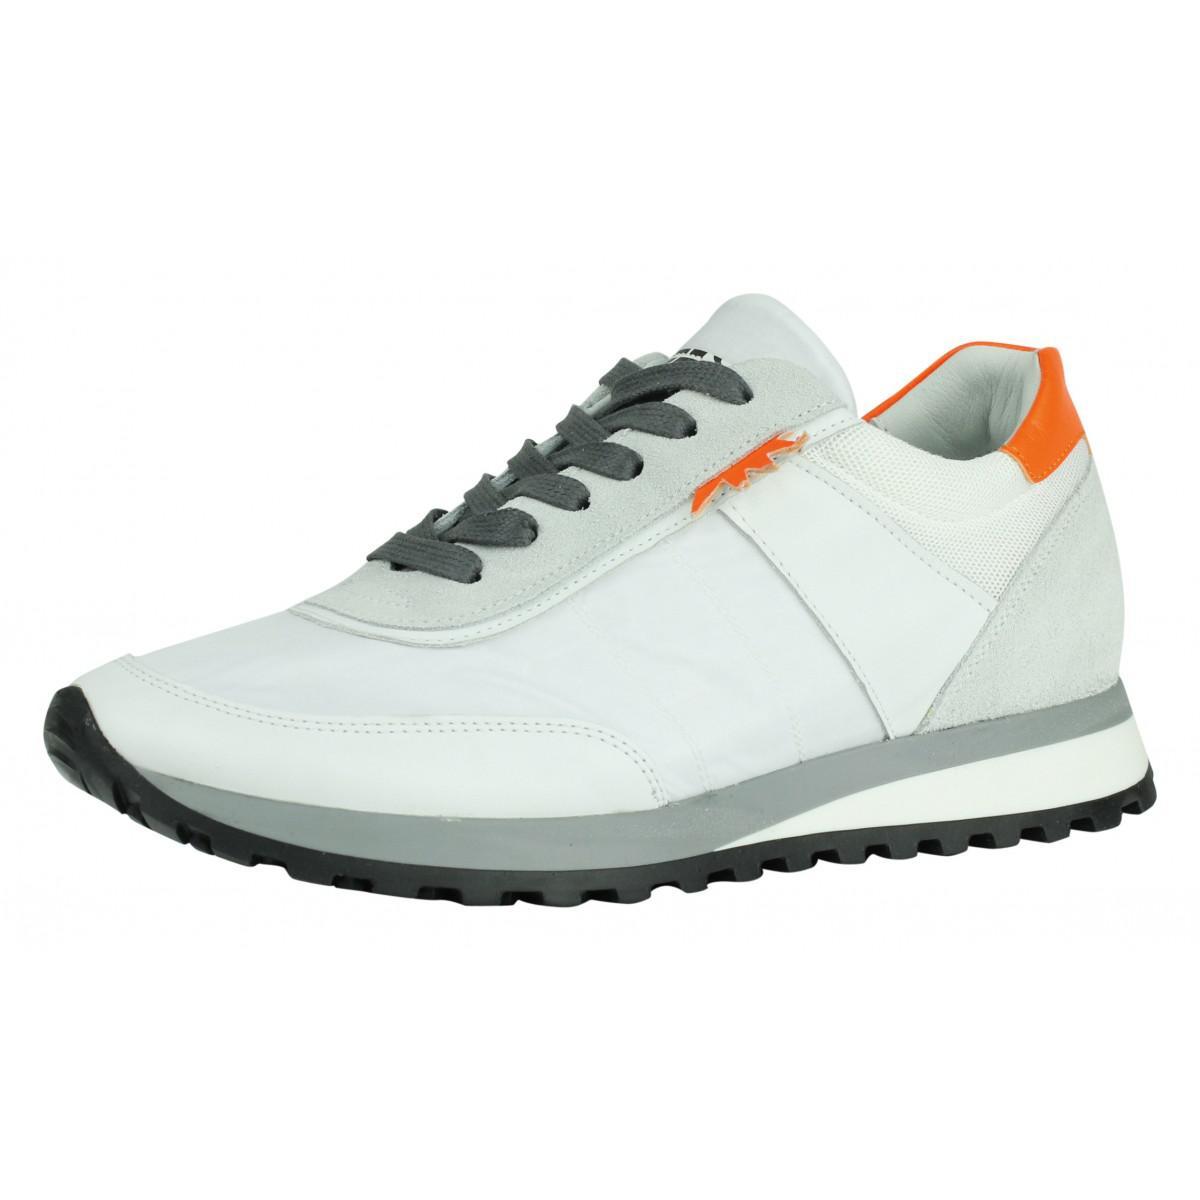 Afbeelding van Archivio 22 sneakers wit